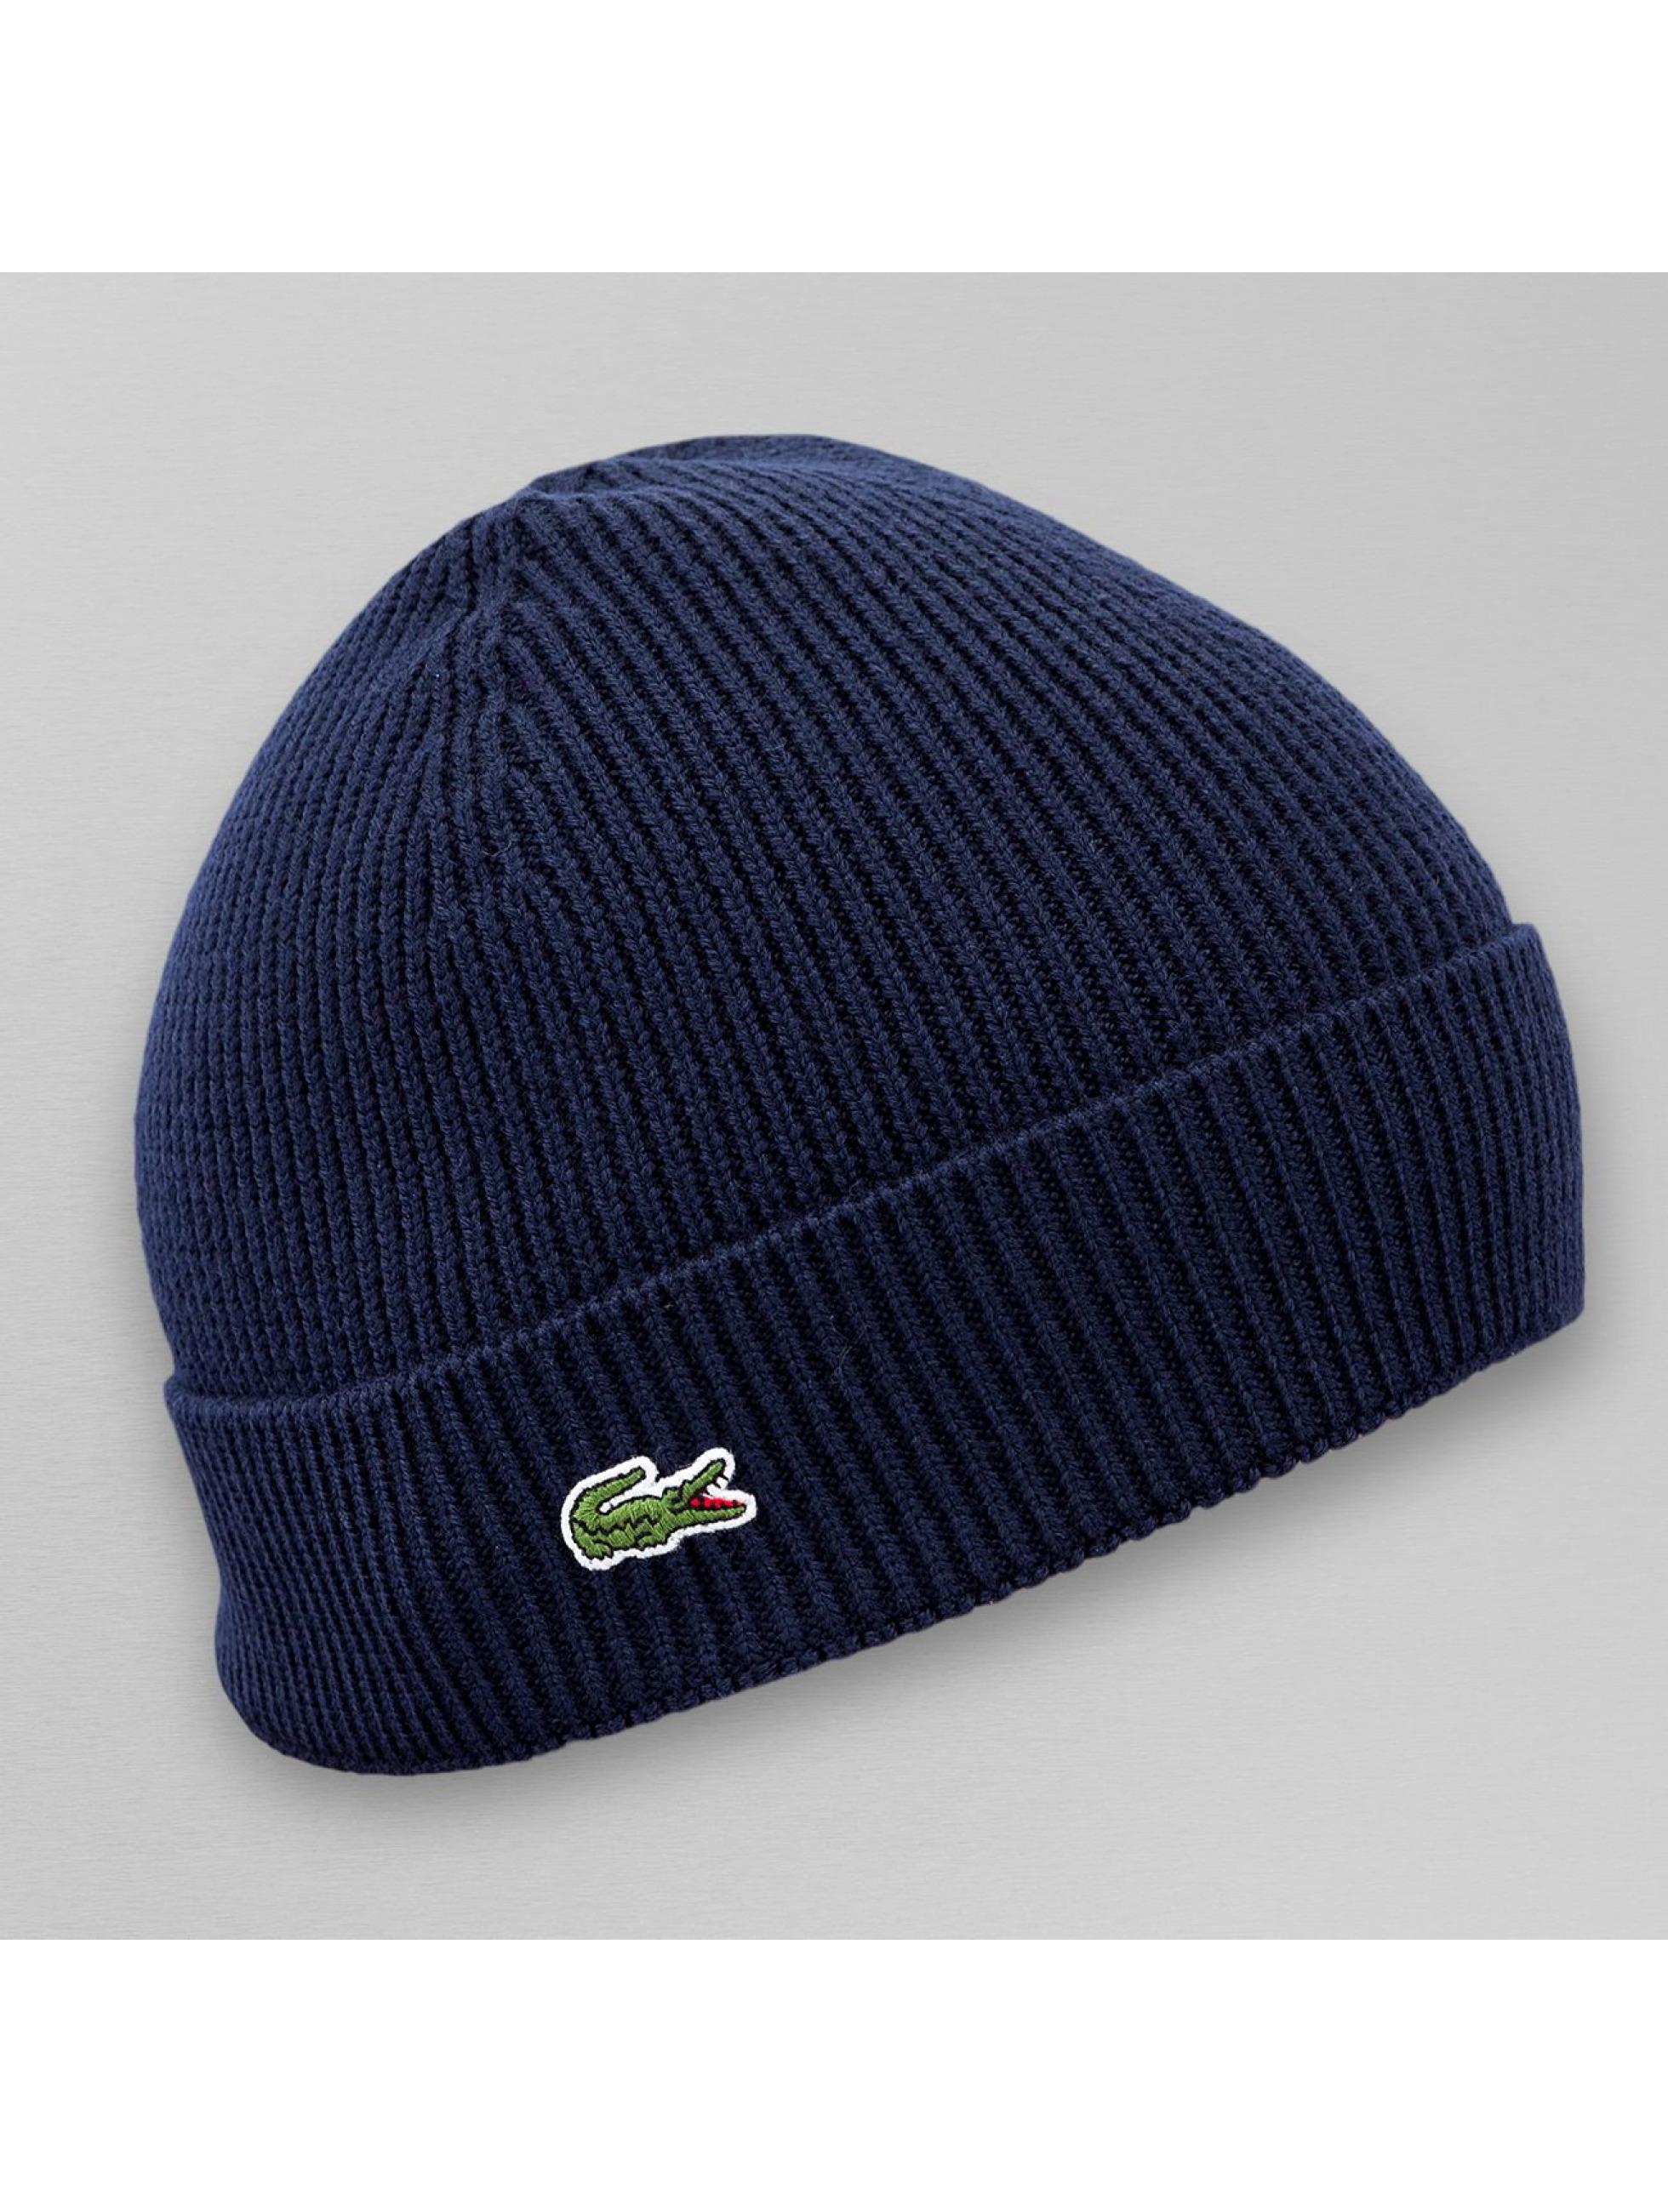 c411d206069 Lacoste Classic Bonnet Half Cardigan Rib bleu ...